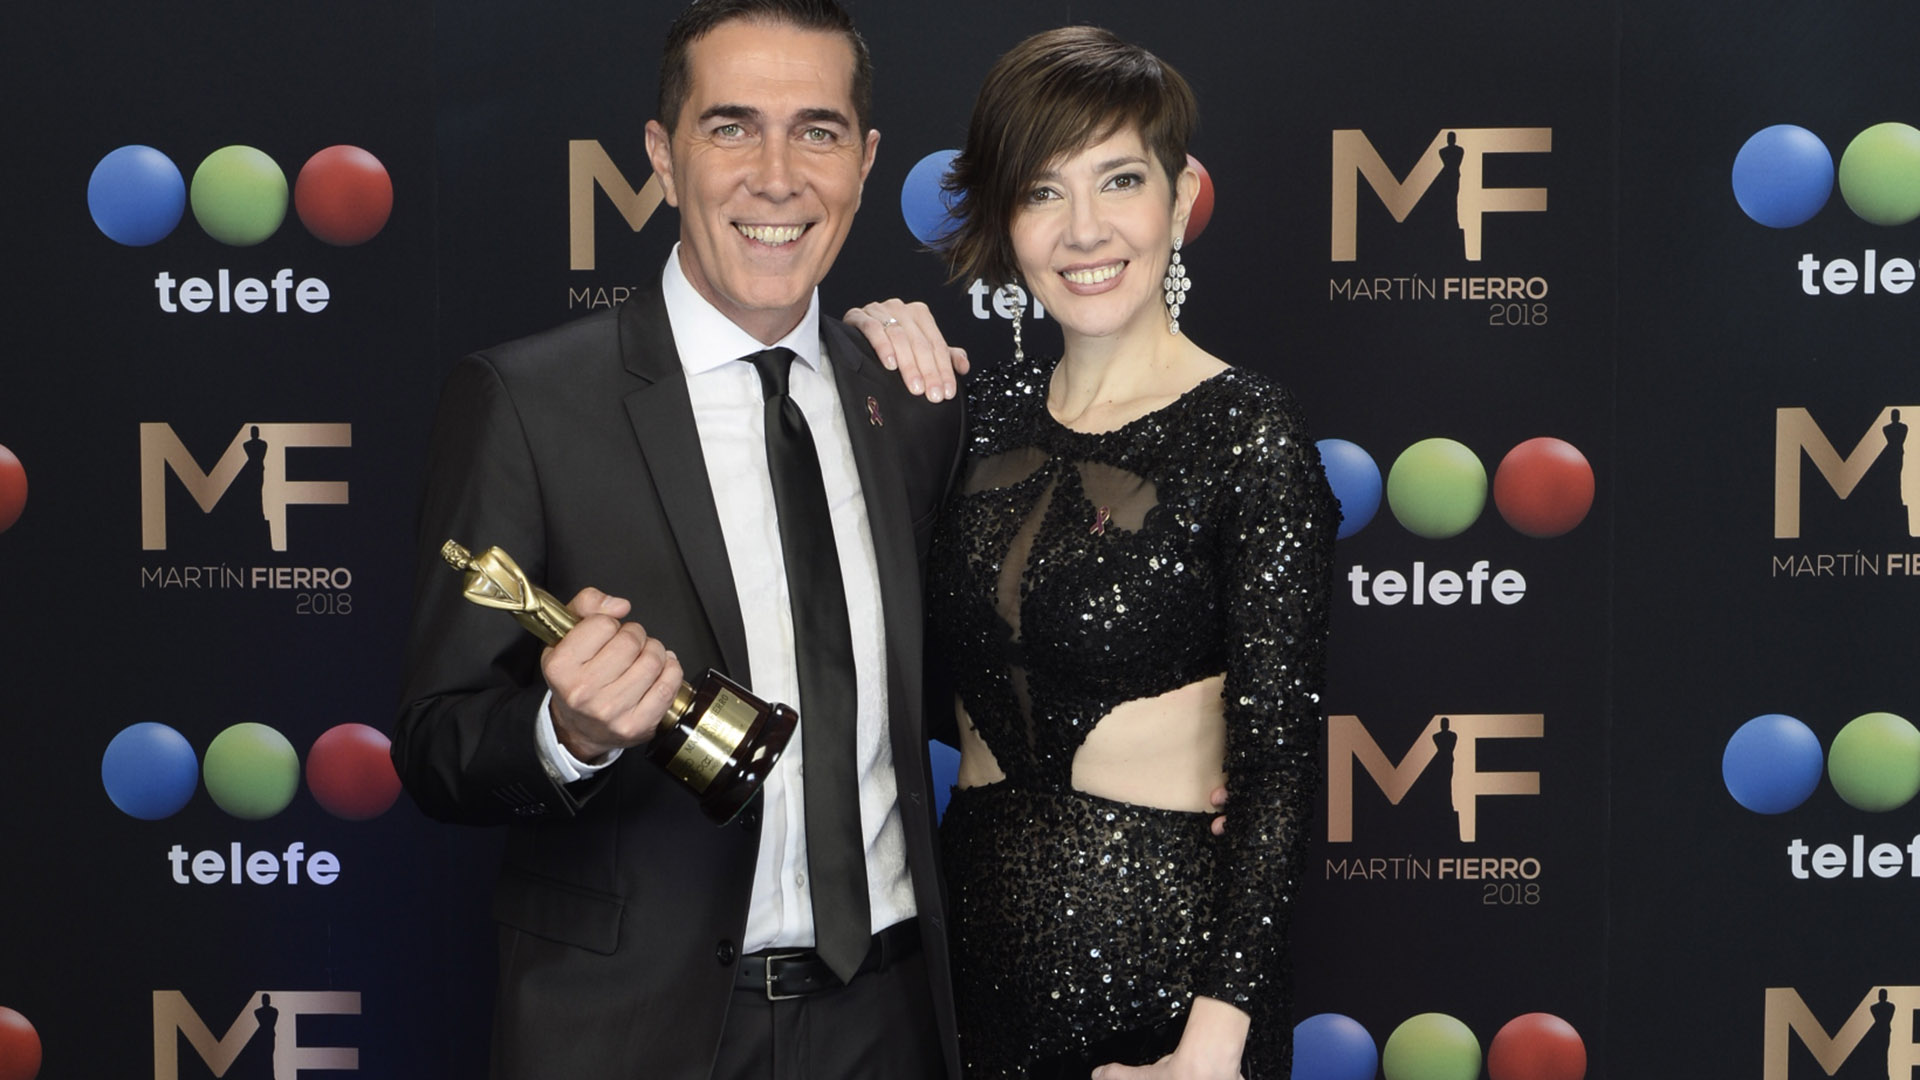 Telefe Noticias a las 20, conducido por Cristina Pérez y Rodolfo Barili, fue el primer ganador de la ceremonia de entrega de los premios Martín Fierro 2018